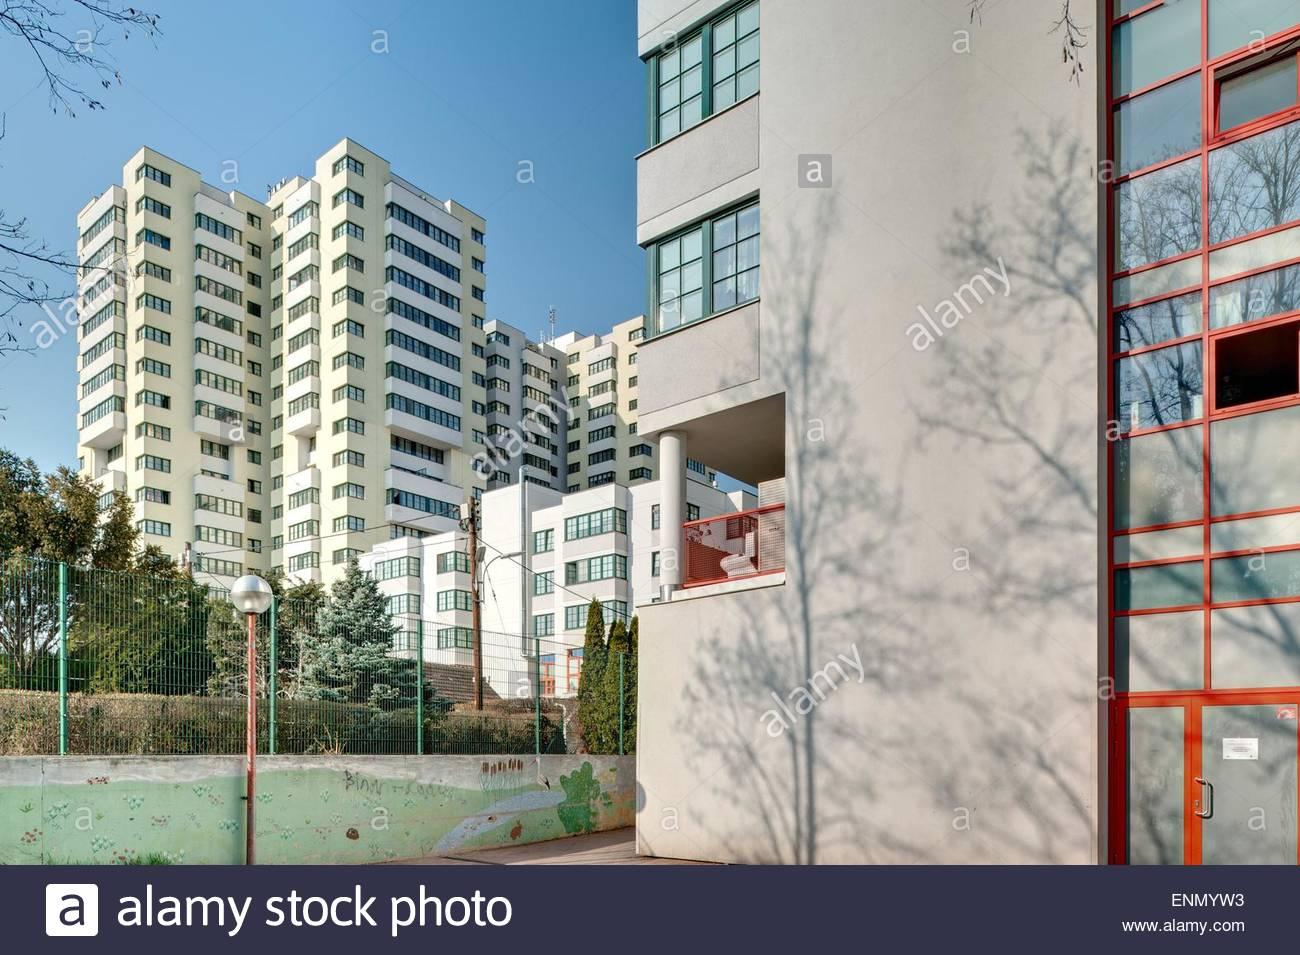 Wien, Gemeindebau der 1970er Jahre, Wohnhausanlage Am Schöpfwerk - Stock Image